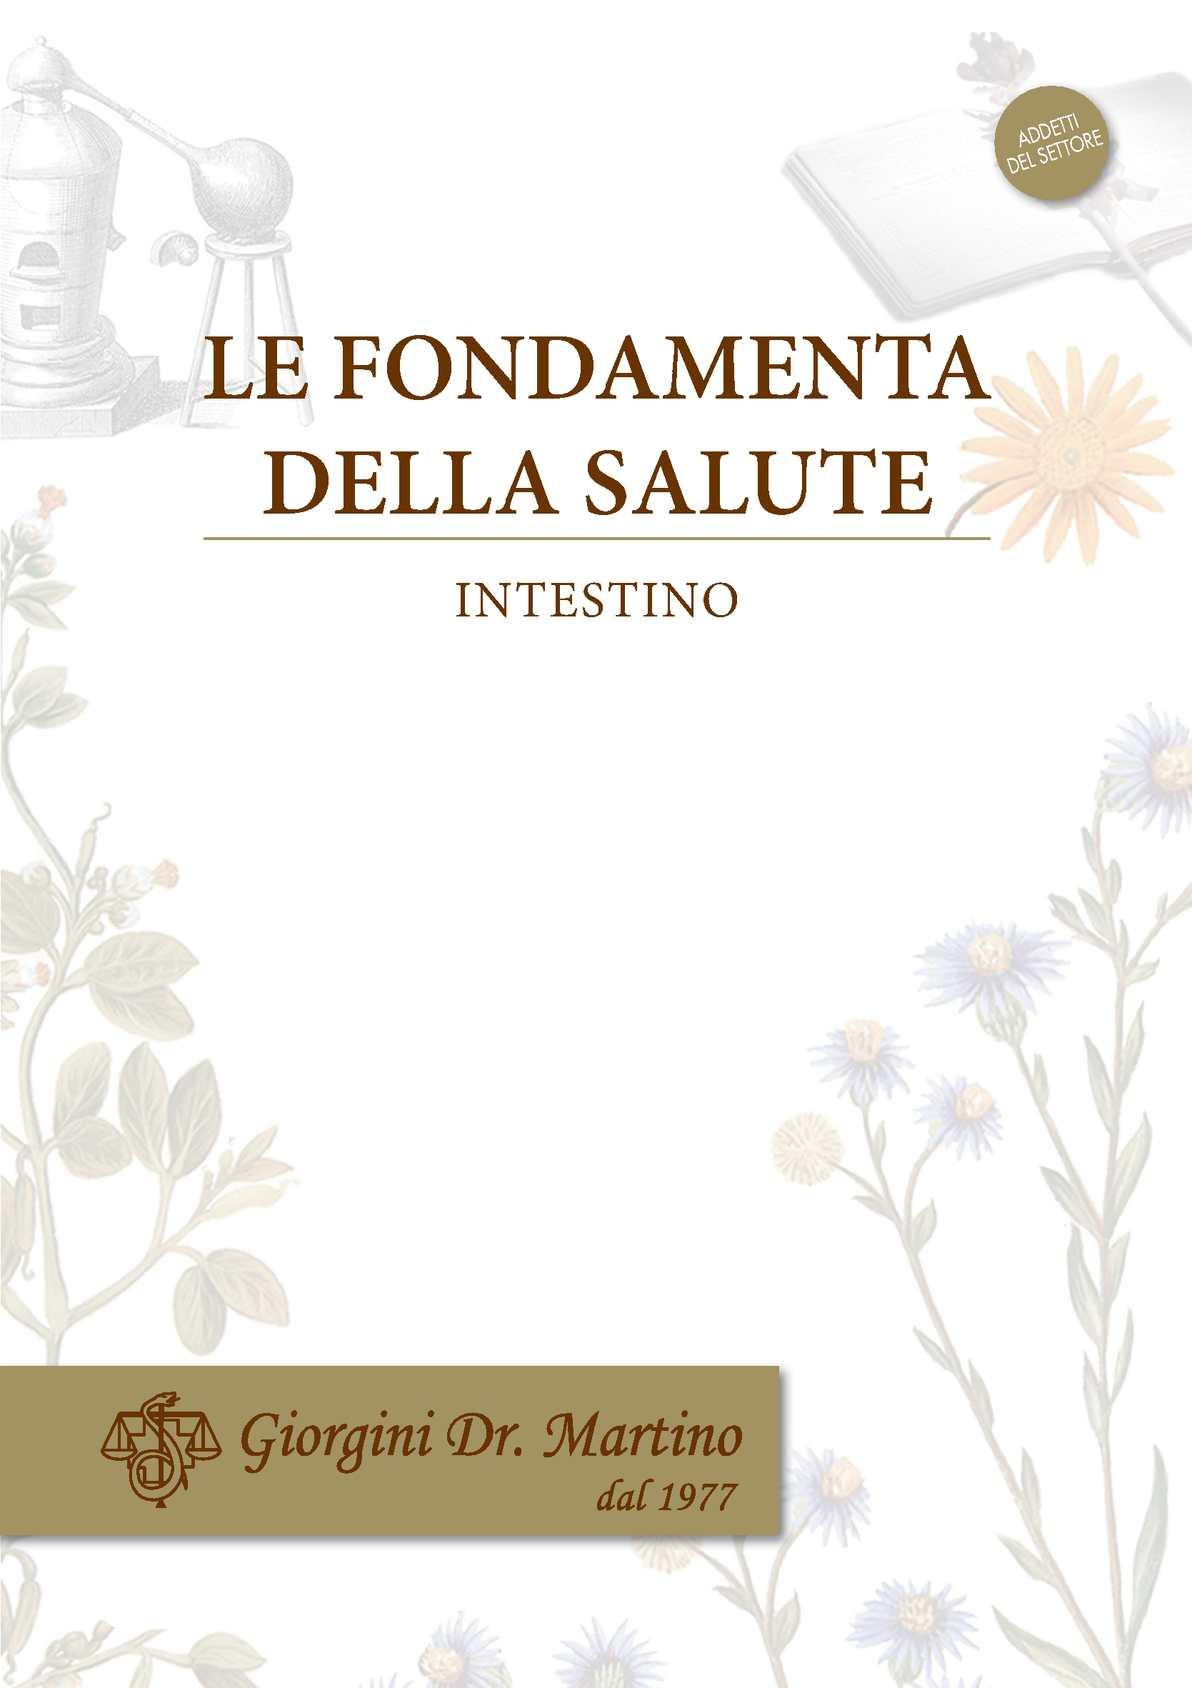 Calaméo - Intestino. LE FONDAMENTA DELLA SALUTE 910413758127